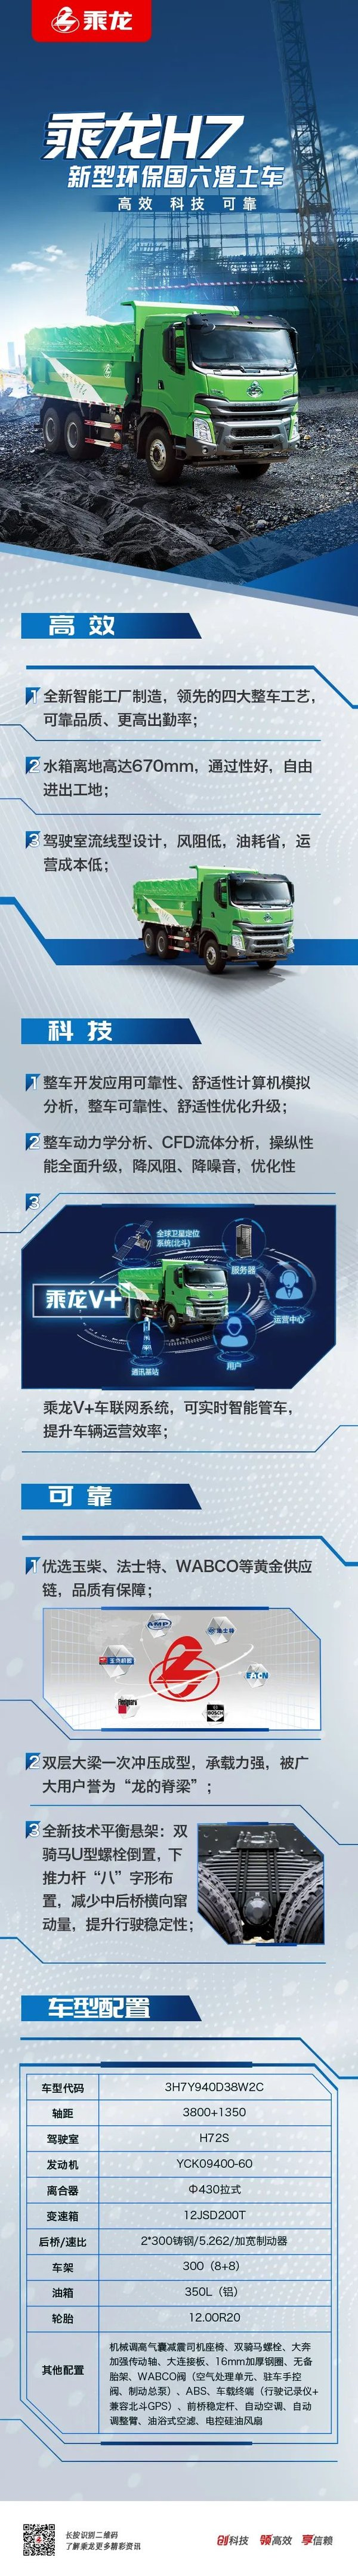 乘龙H7新型环保国六渣土车:智能管理助力车队高效运营!